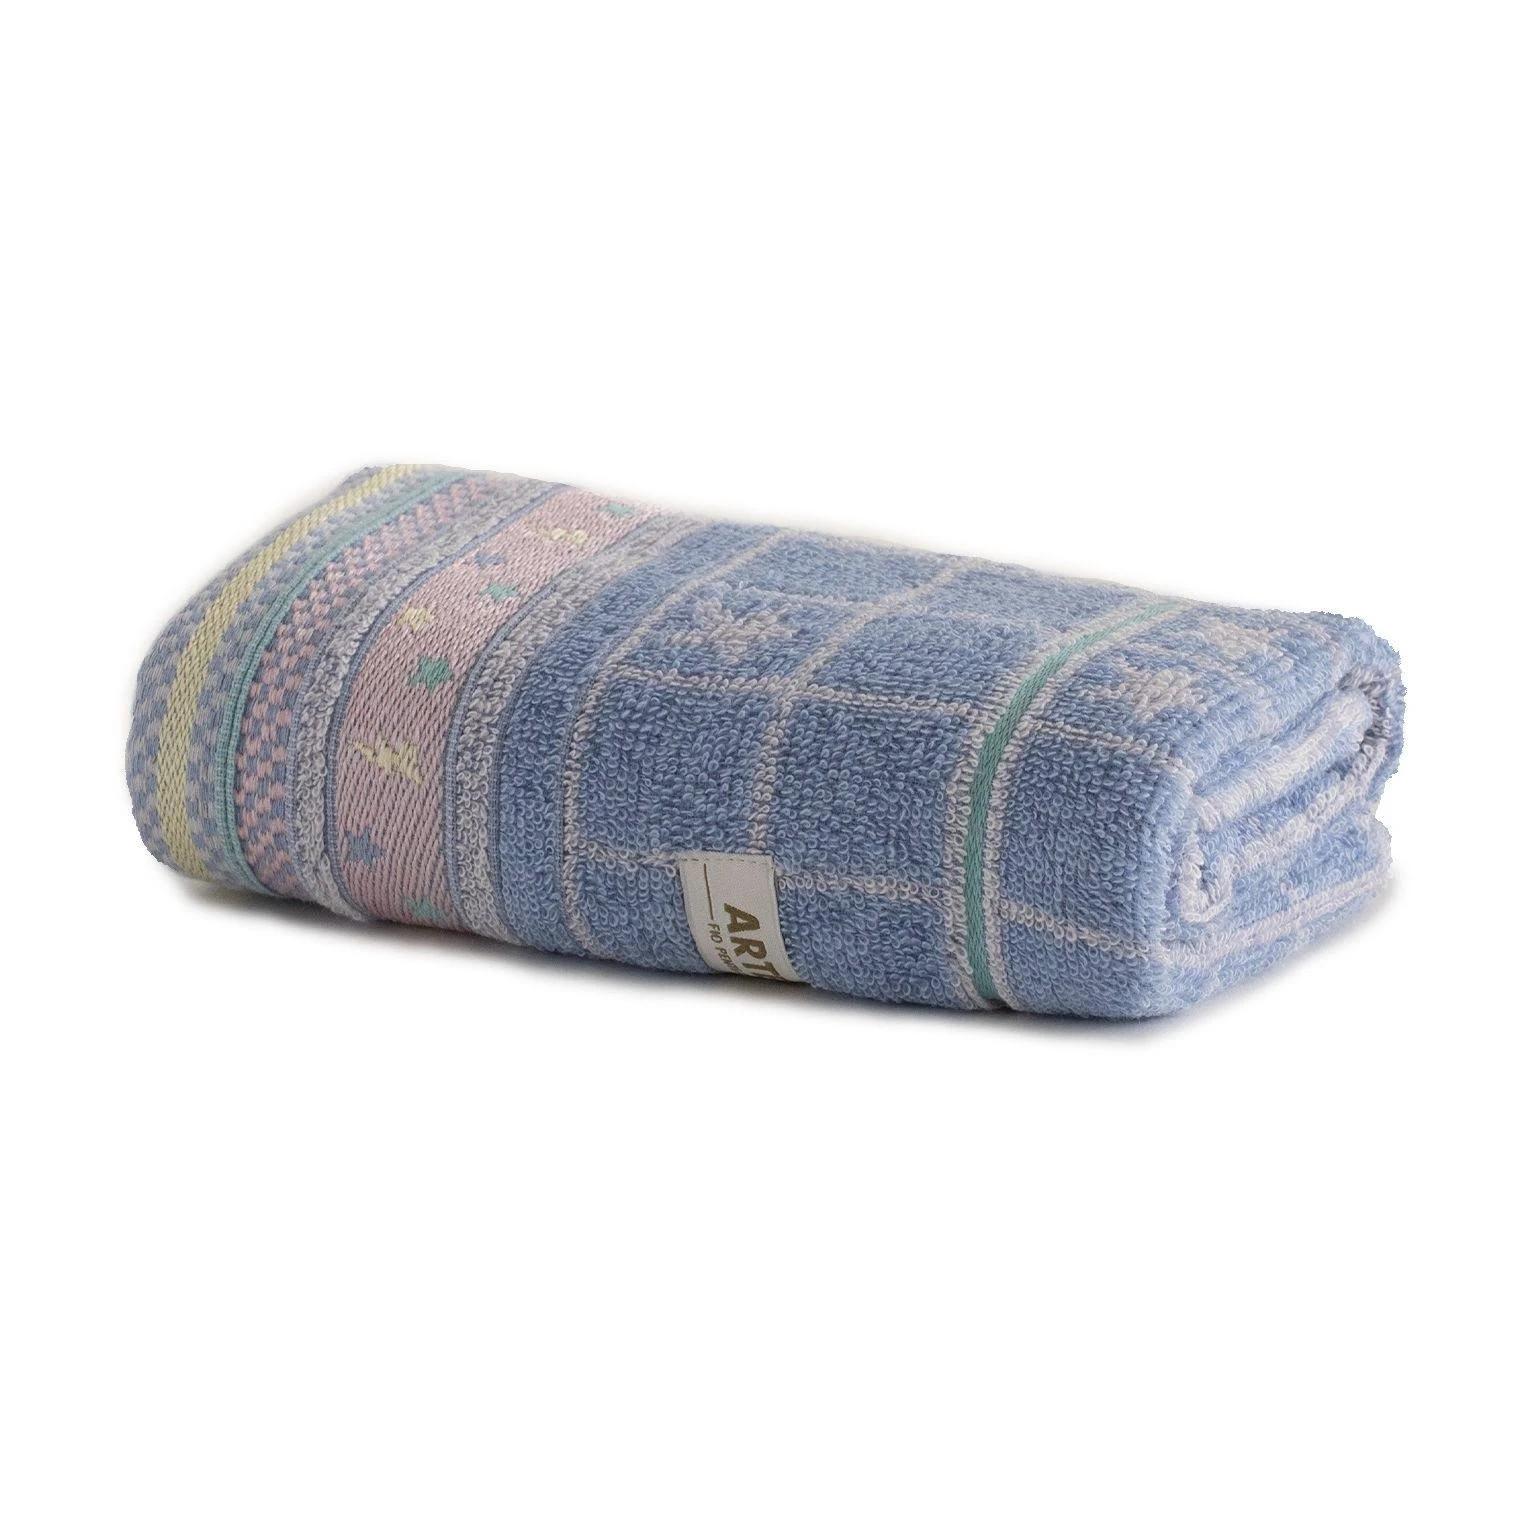 Toalha De Rosto 100 Algodao 41x70 cm Azul Violeta - Artex